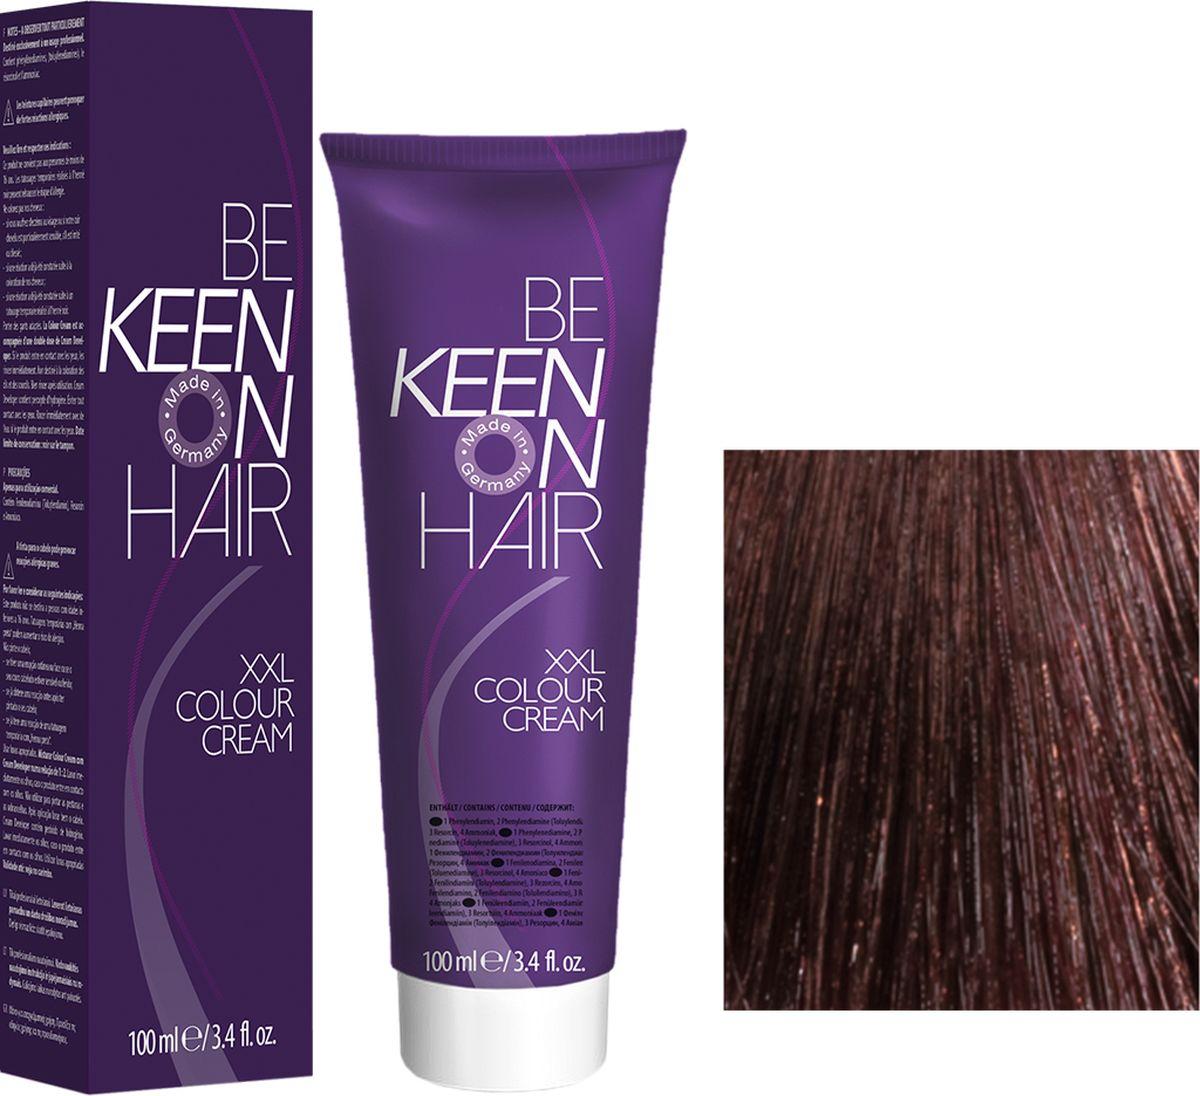 Keen Краска для волос 6.6 Баклажан Aubergine, 100 мл69100047Модные оттенкиБолее 100 оттенков для креативной комбинации цветов.ЭкономичностьПри использовании тюбика 100 мл вы получаете оптимальное соотношение цены и качества!УходМолочный белок поддерживает структуру волоса во время окрашивания и придает волосам блеск и шелковистость. Протеины хорошо встраиваются в волосы и снабжают их влагой.